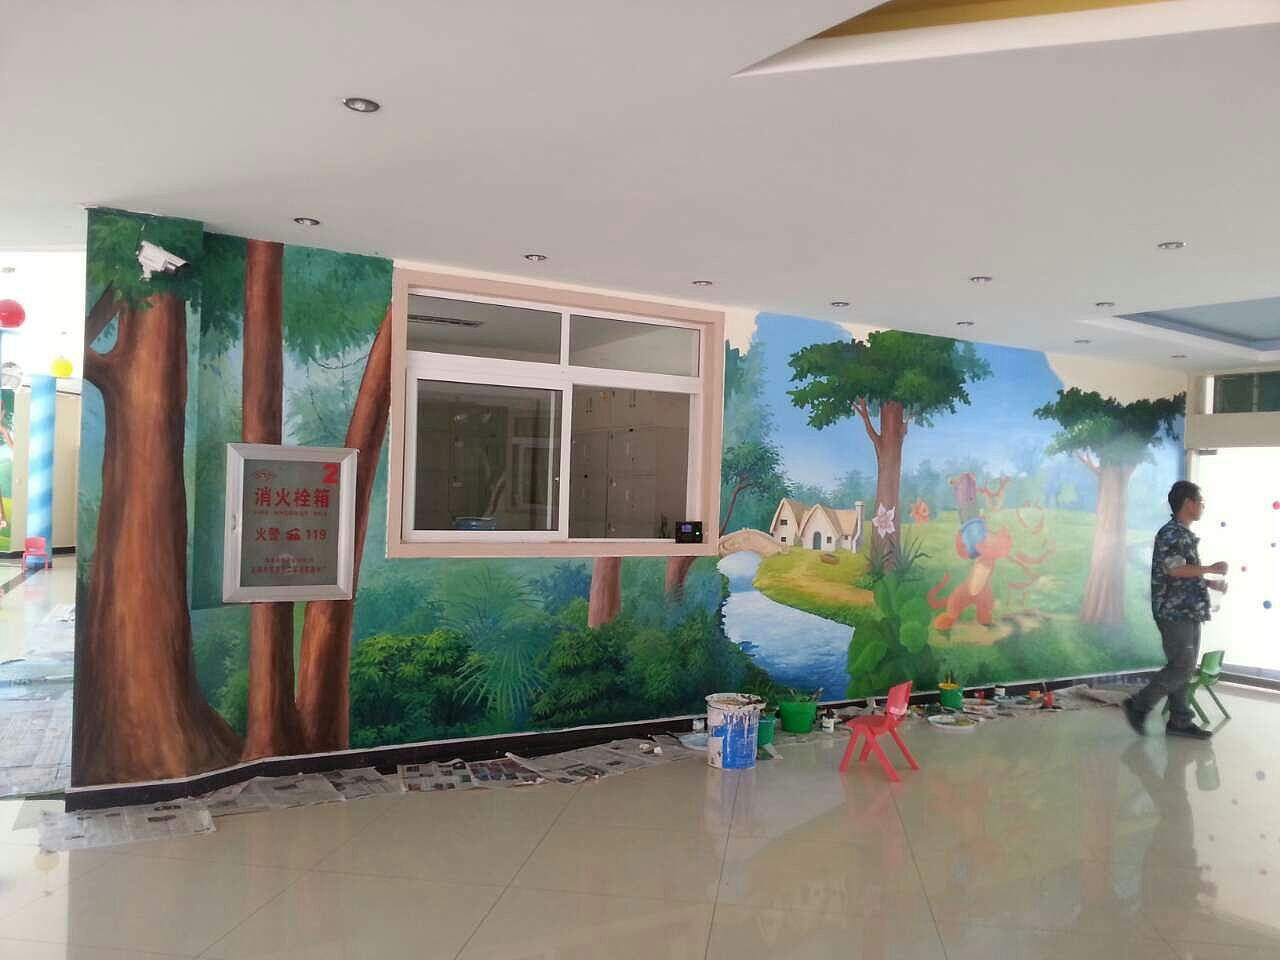 南昌幼儿园外墙彩绘,南昌3d墙绘,南昌墙上写字,南昌3d立体画墙绘